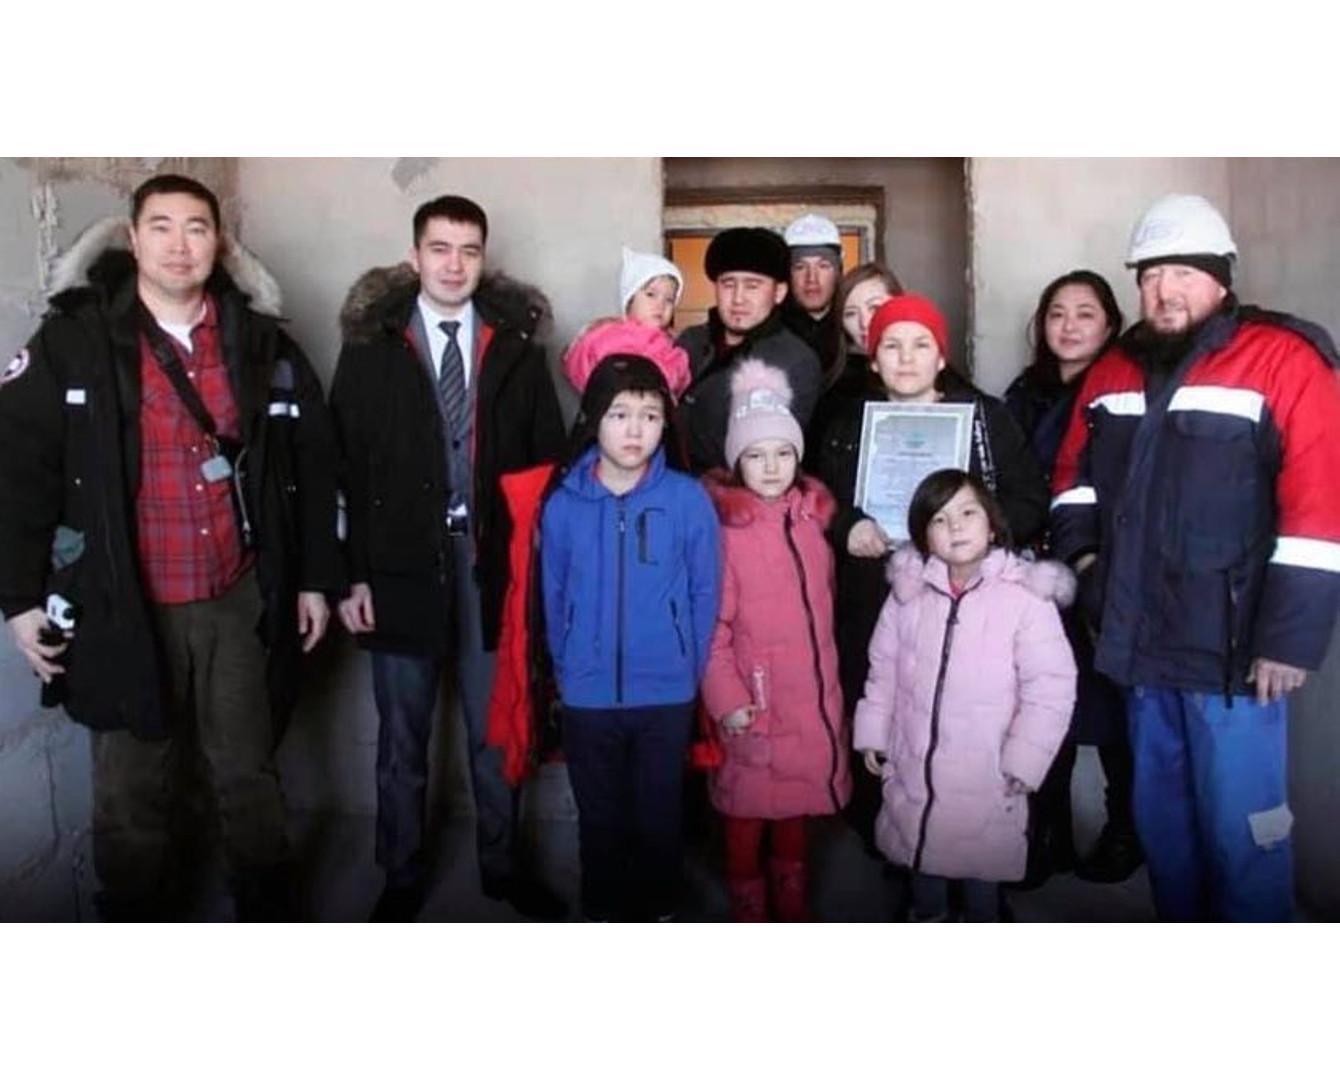 #ЖақсылықЖаса: Жеті баланың анасына кәсіпкер жаңа пәтер сыйлады - Ақмола облысы